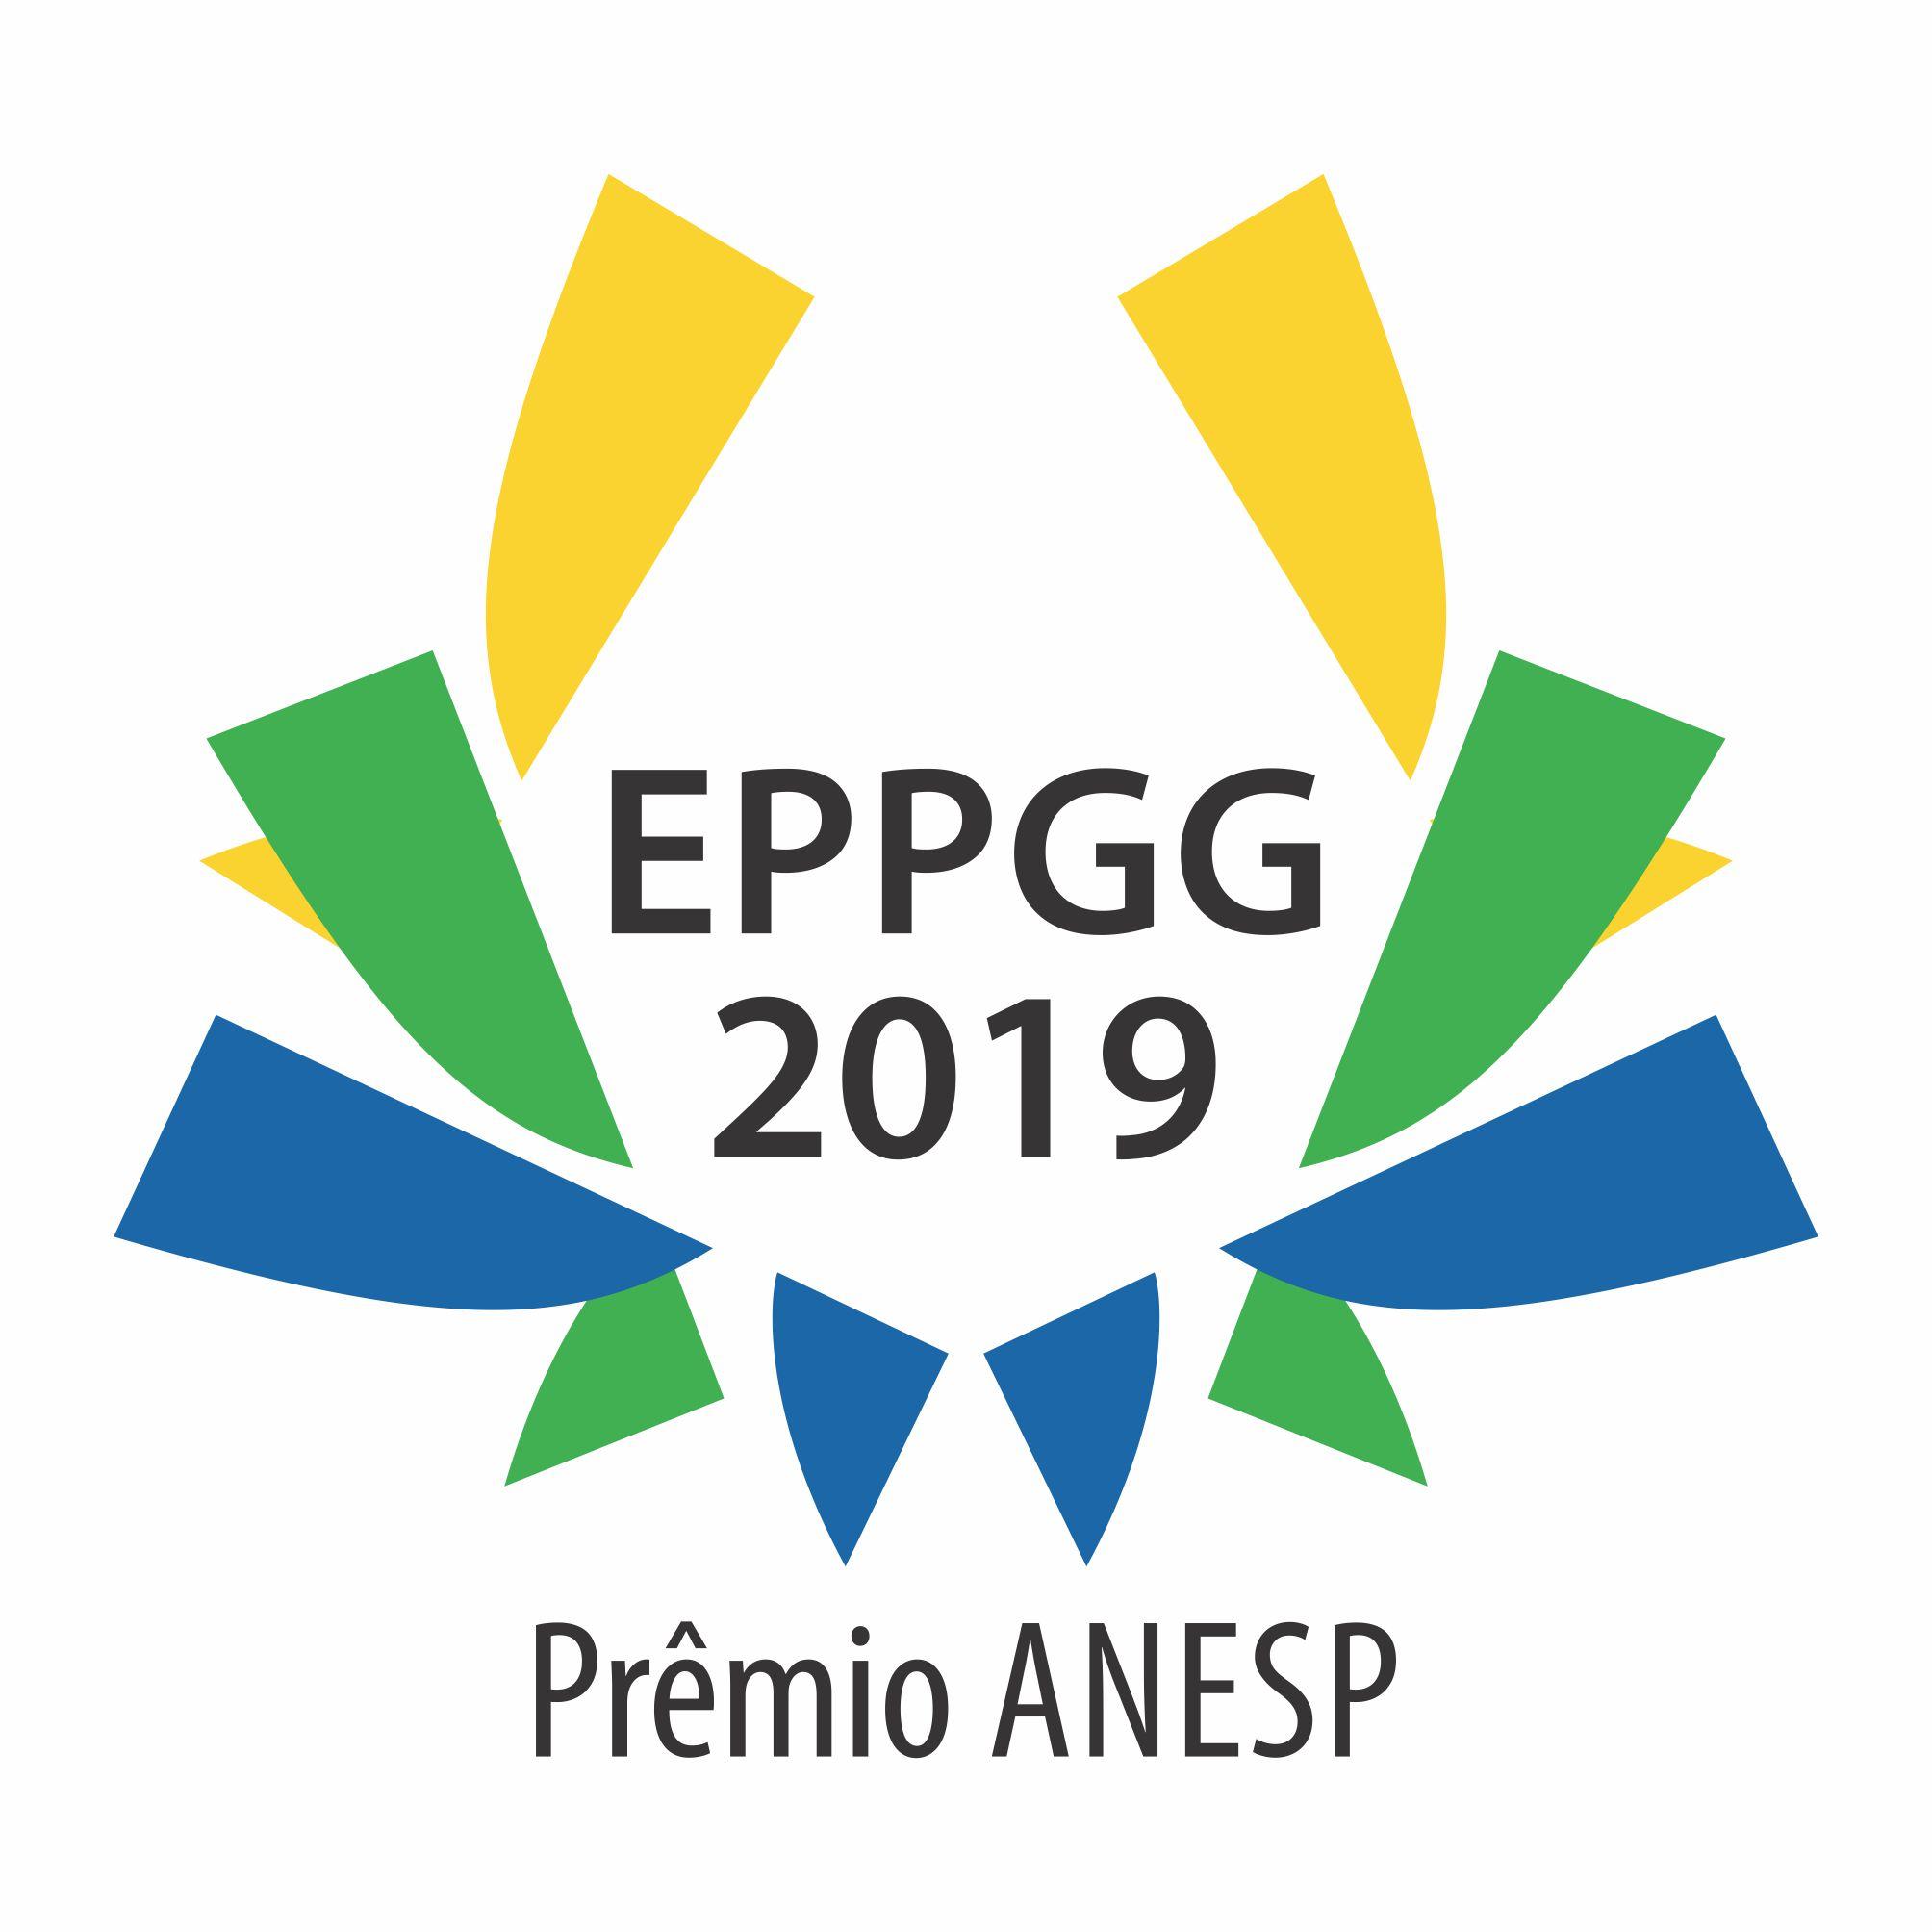 EPPGG 2019 - Prêmio ANESP_Logo.jpg